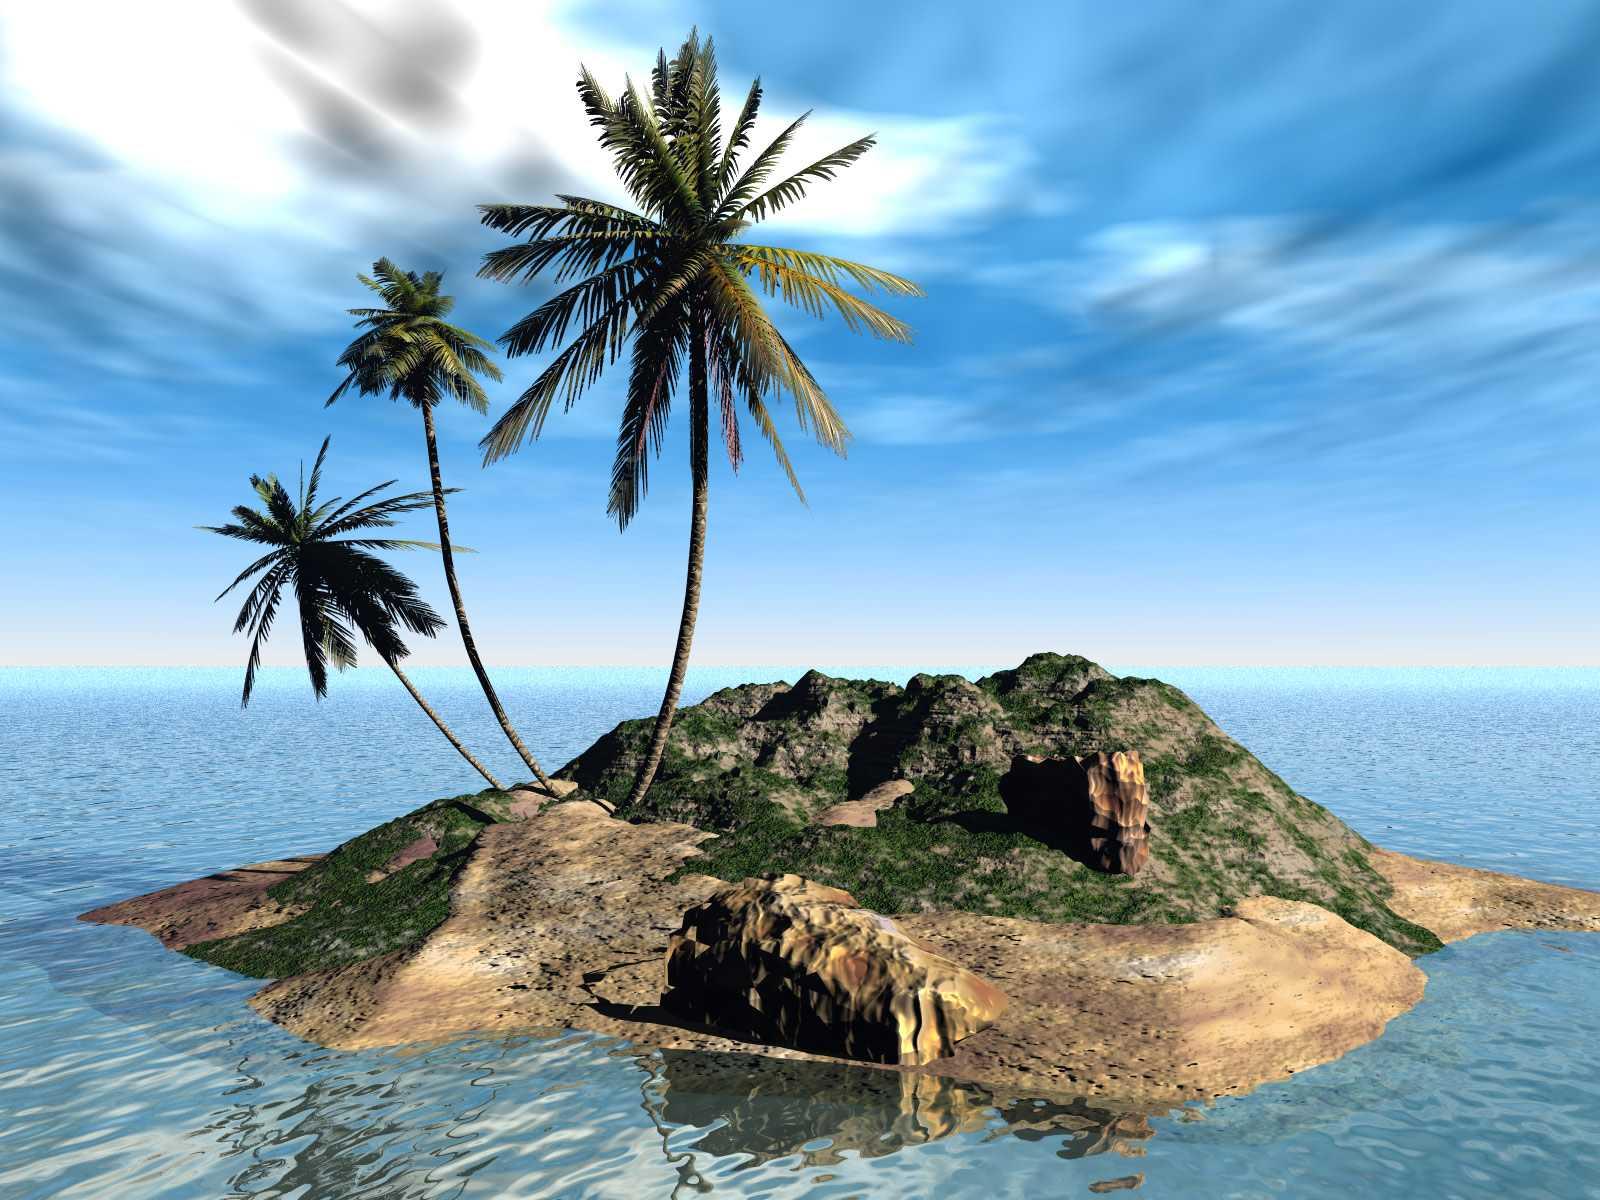 Papel-de-parede-3D-Ilha-1